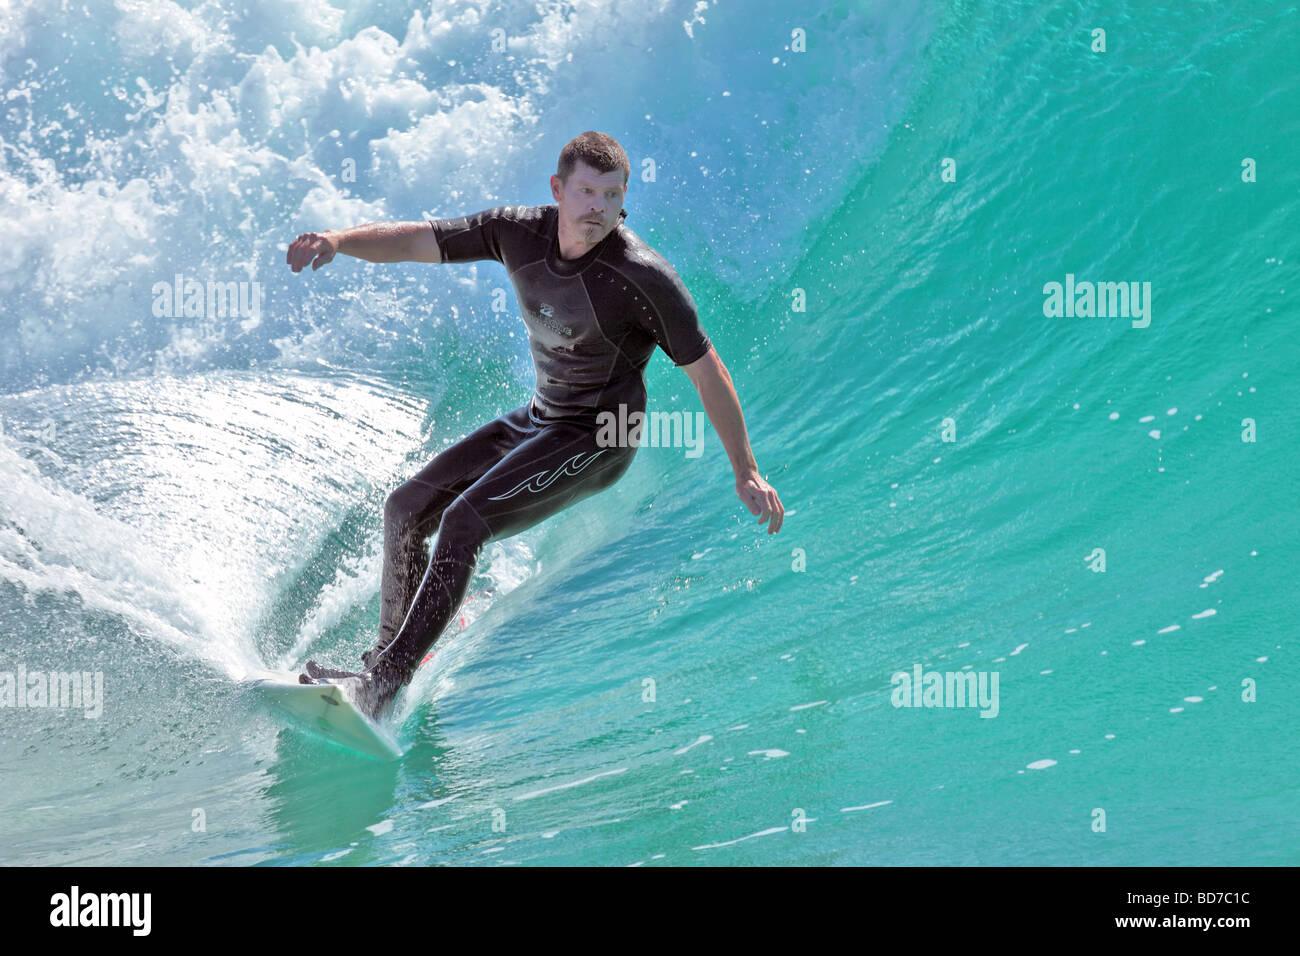 Surfer fängt eine Welle für eine Fahrt ins Ufer am späten Nachmittag Stockbild